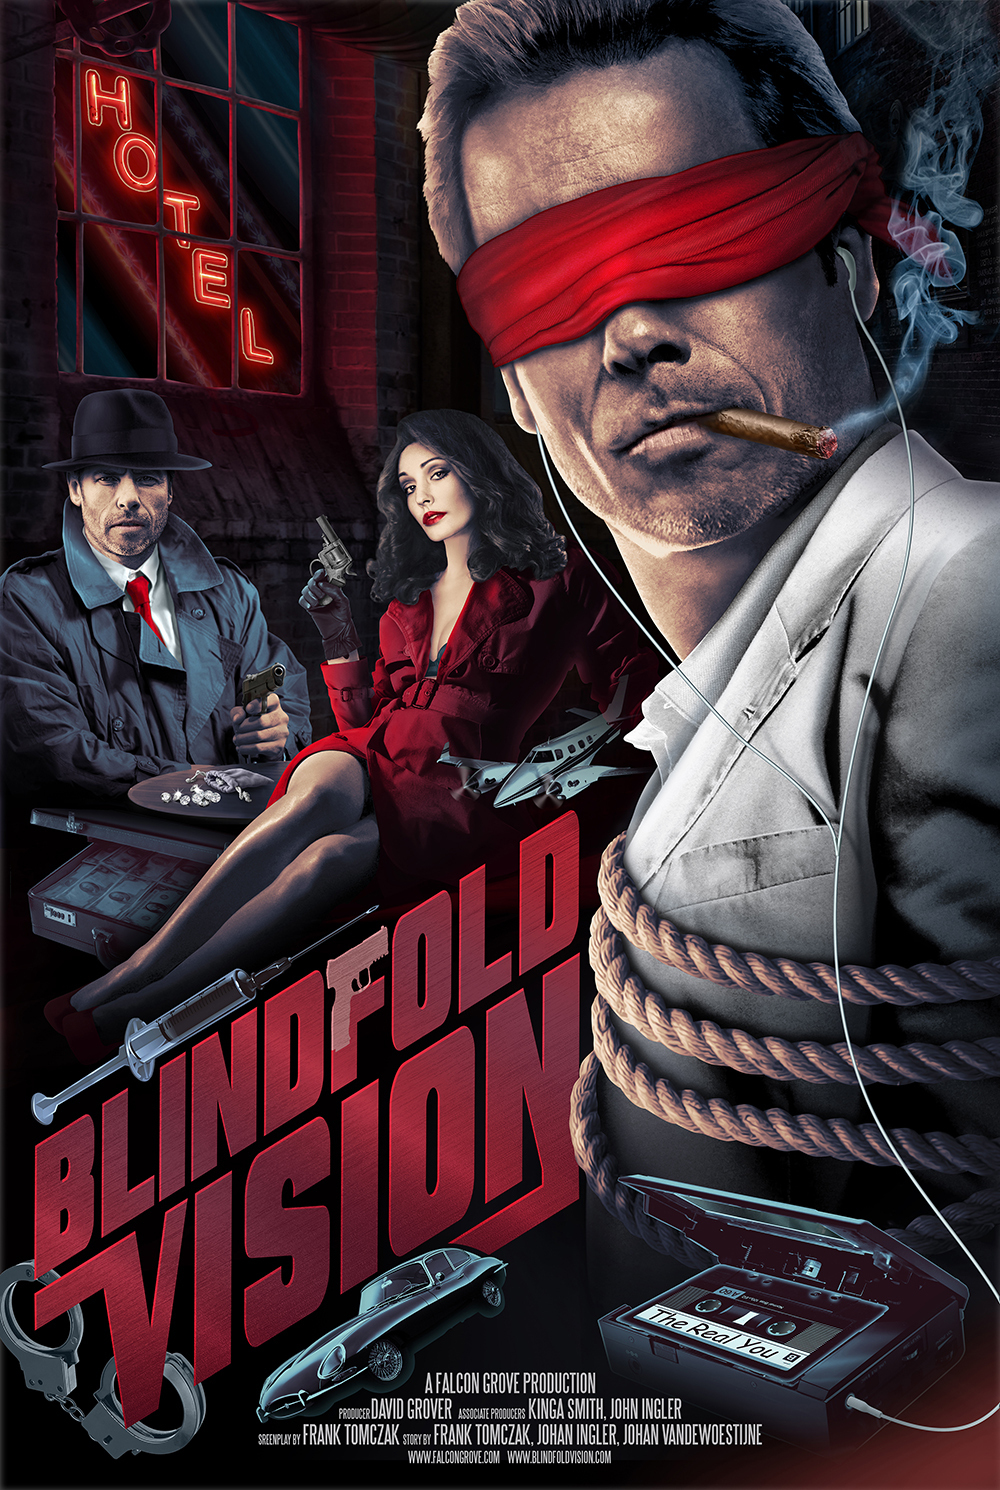 BLINDFOLD VISION, Action / Psychological Thriller (packaging & financing)